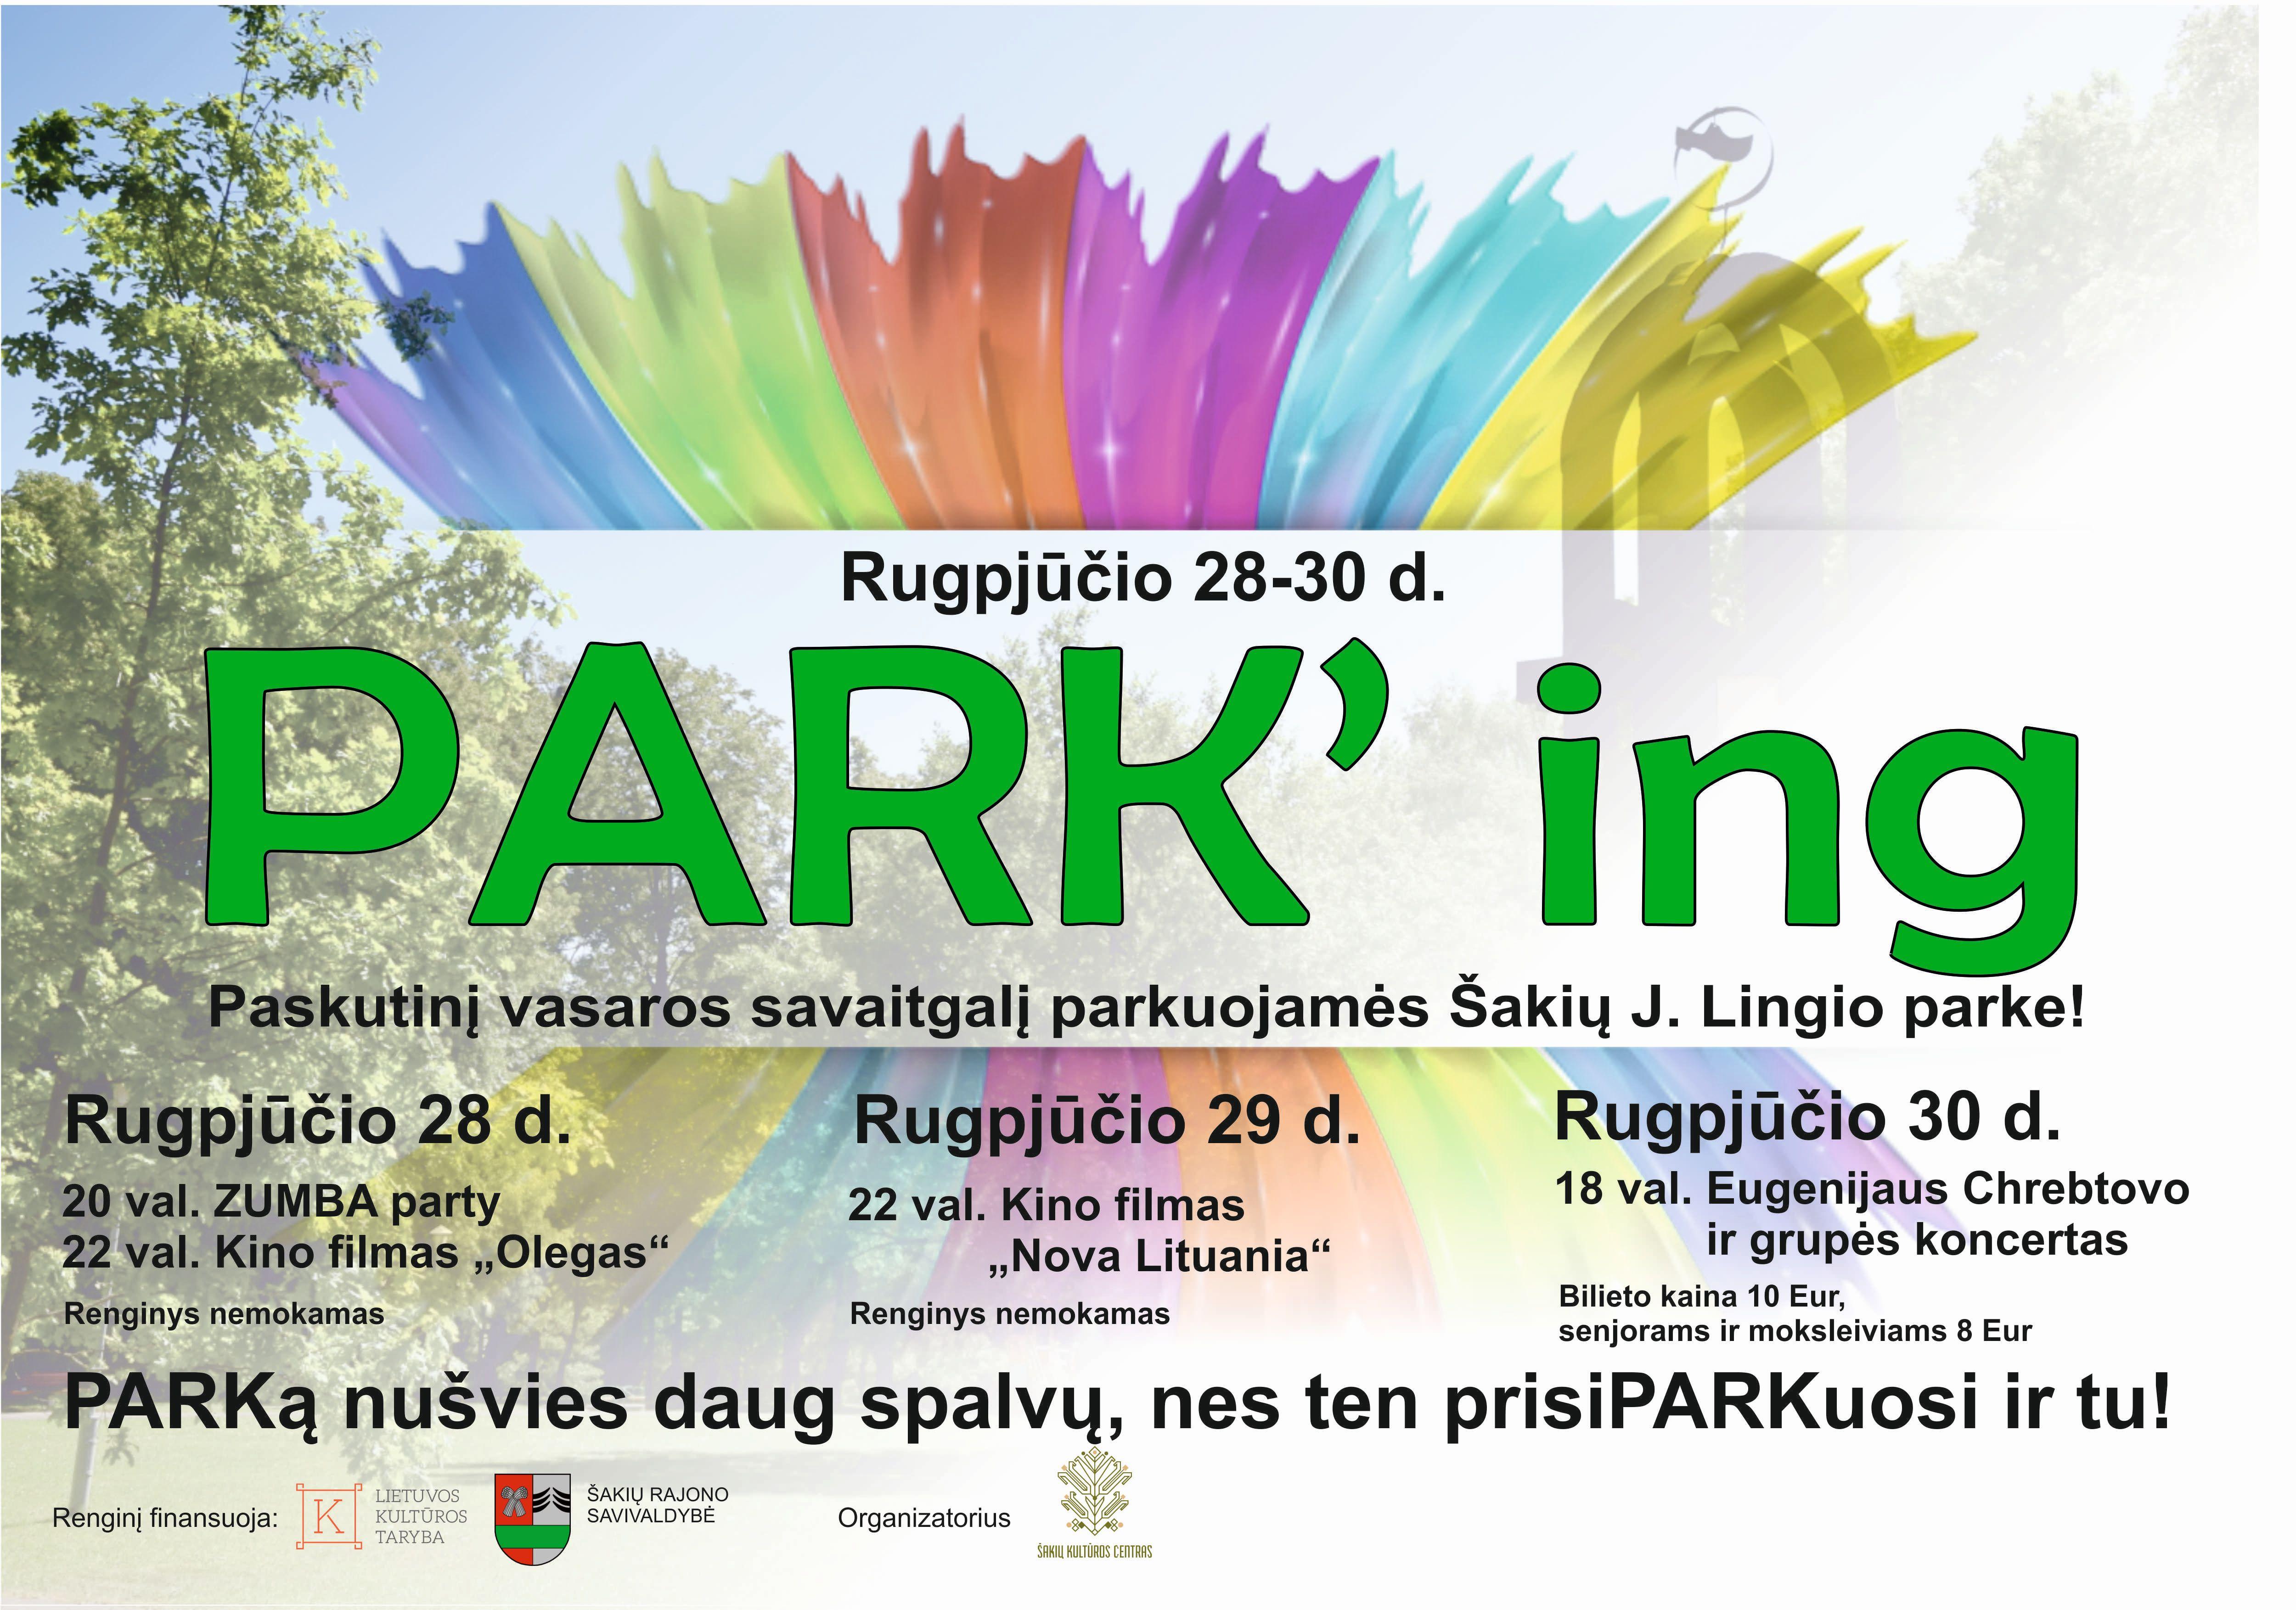 Paskutinį vasaros savaitgalį parkuojamės Šakių J.Lingio parke!